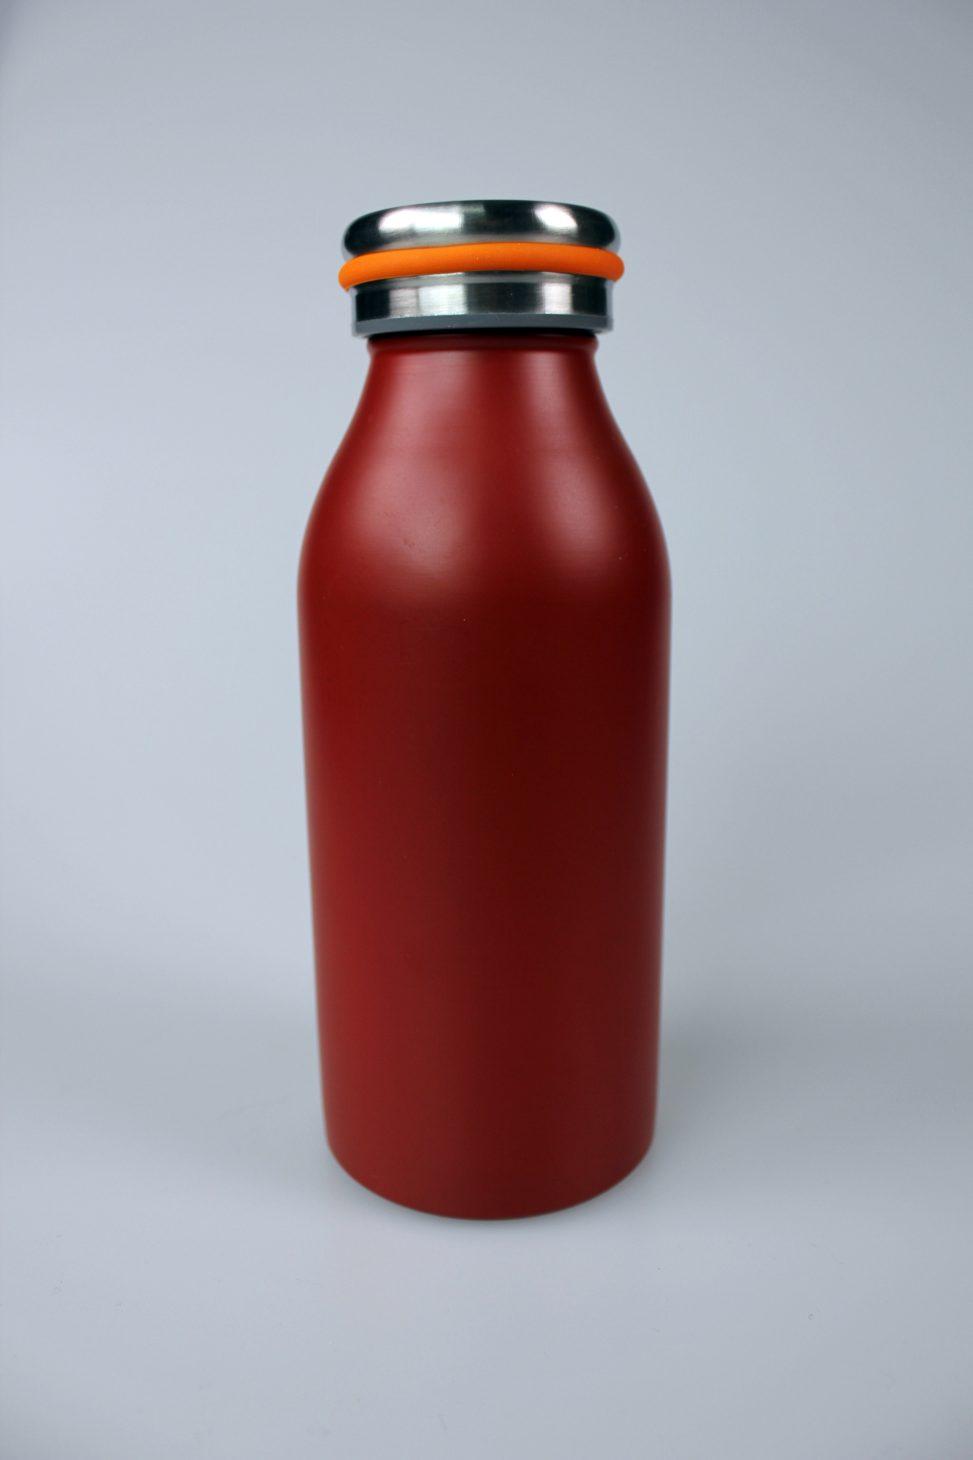 edelstahl-flasche rot, Werbe-edelstahlflasche,